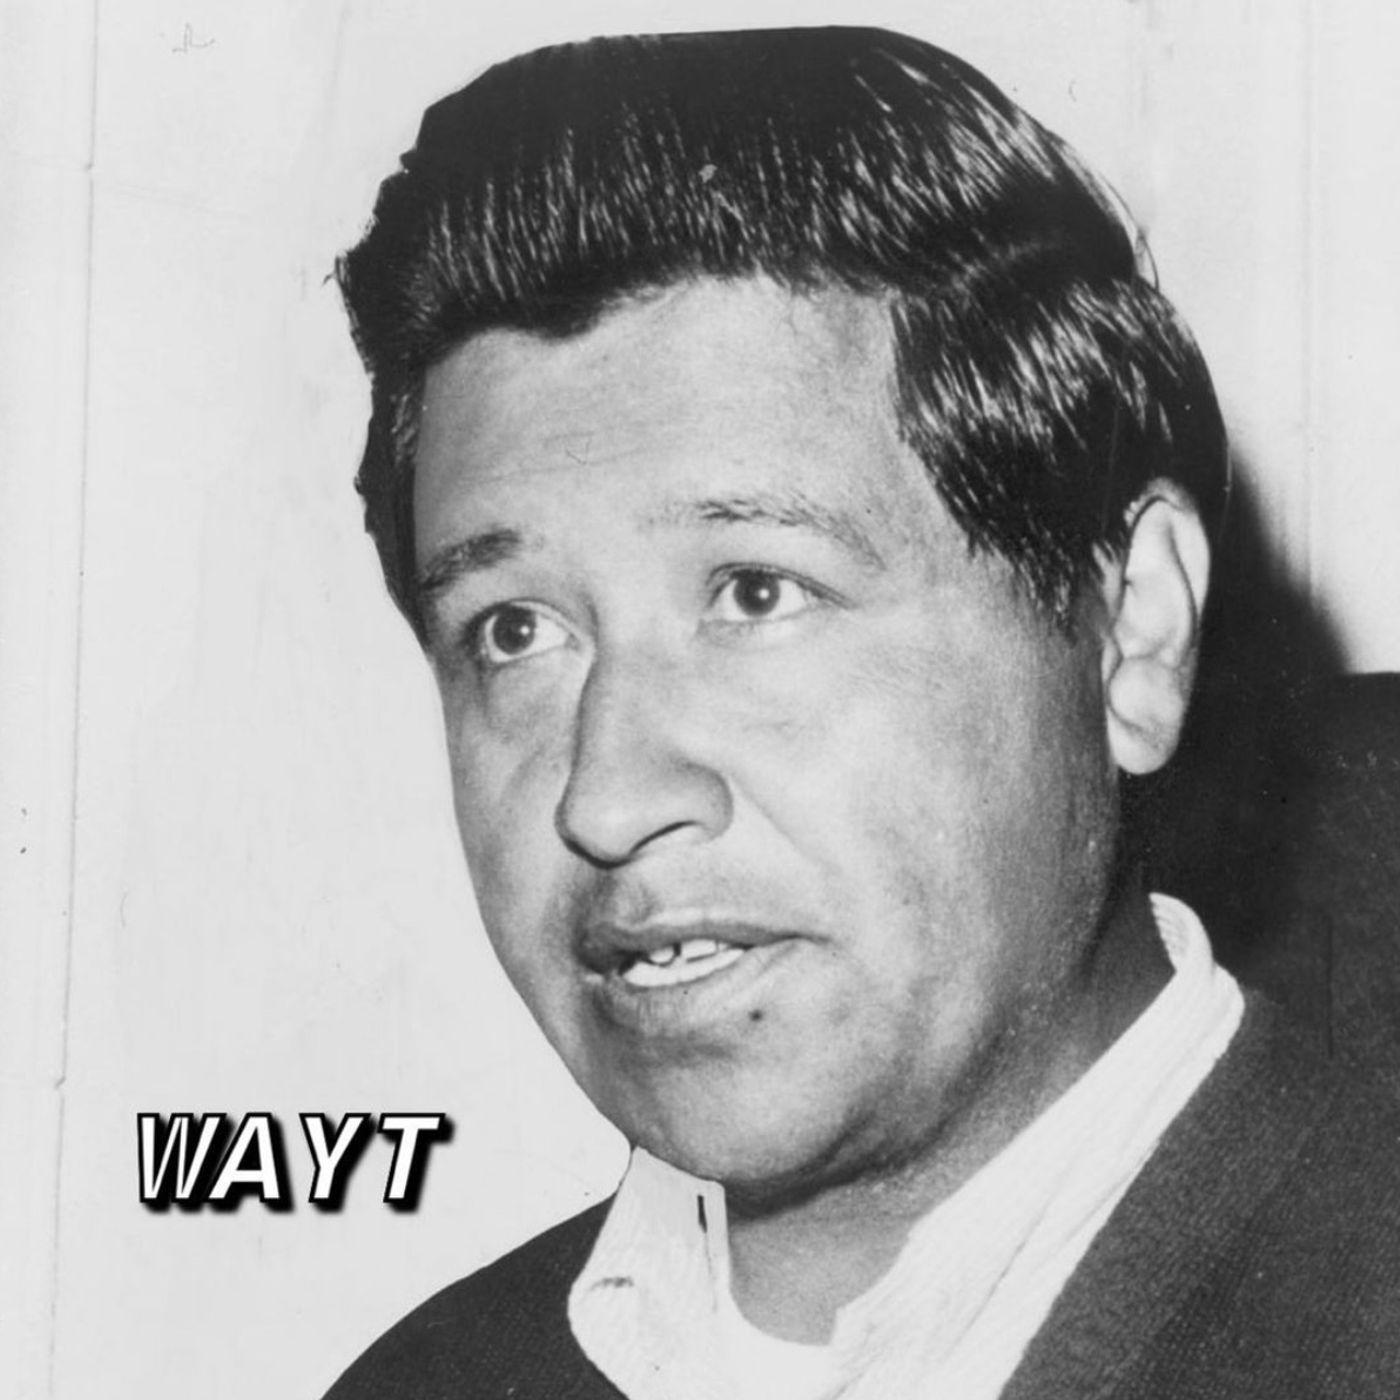 WAYT EP. 158